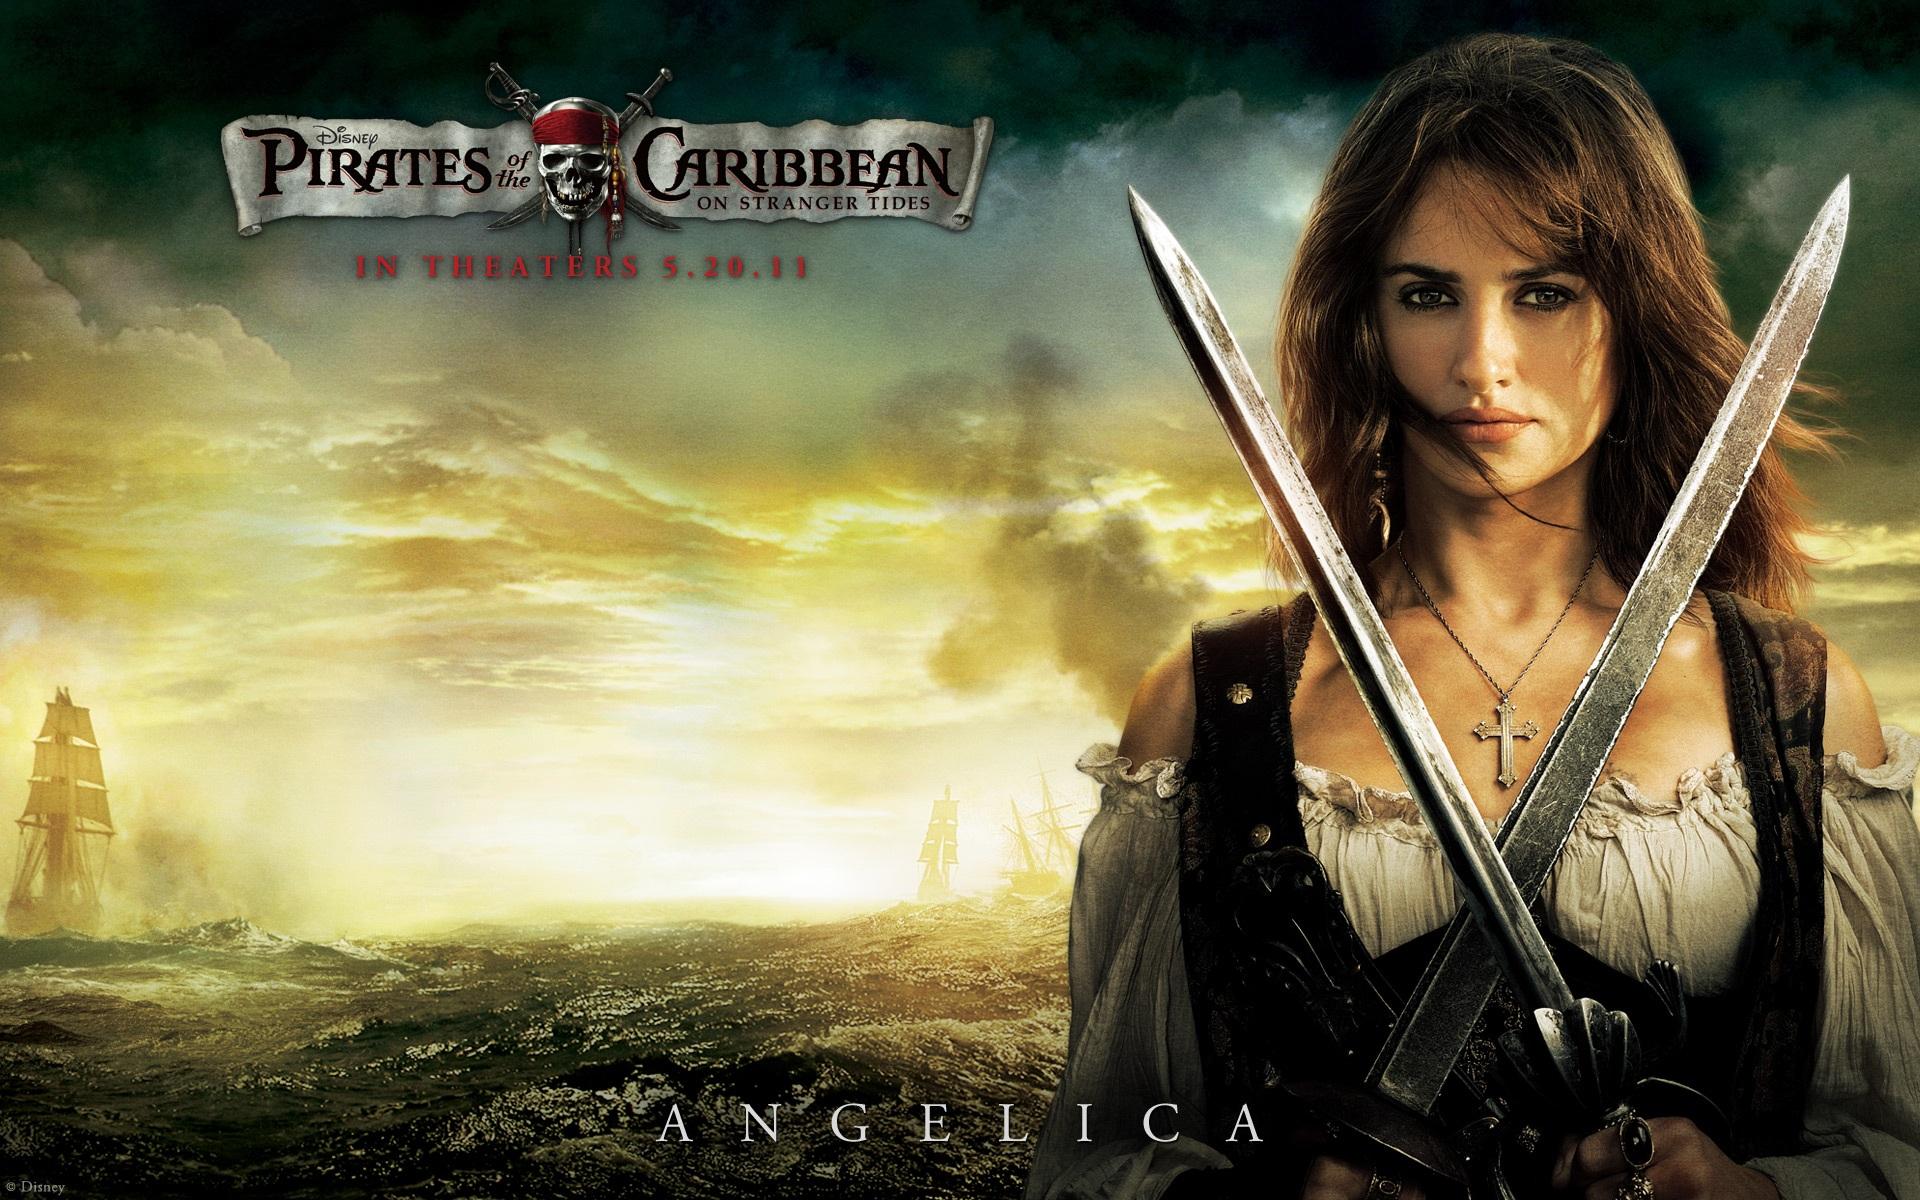 Fluch Der Karibik 4 Angelica Hd - Pirates Of The Caribbean 8 , HD Wallpaper & Backgrounds